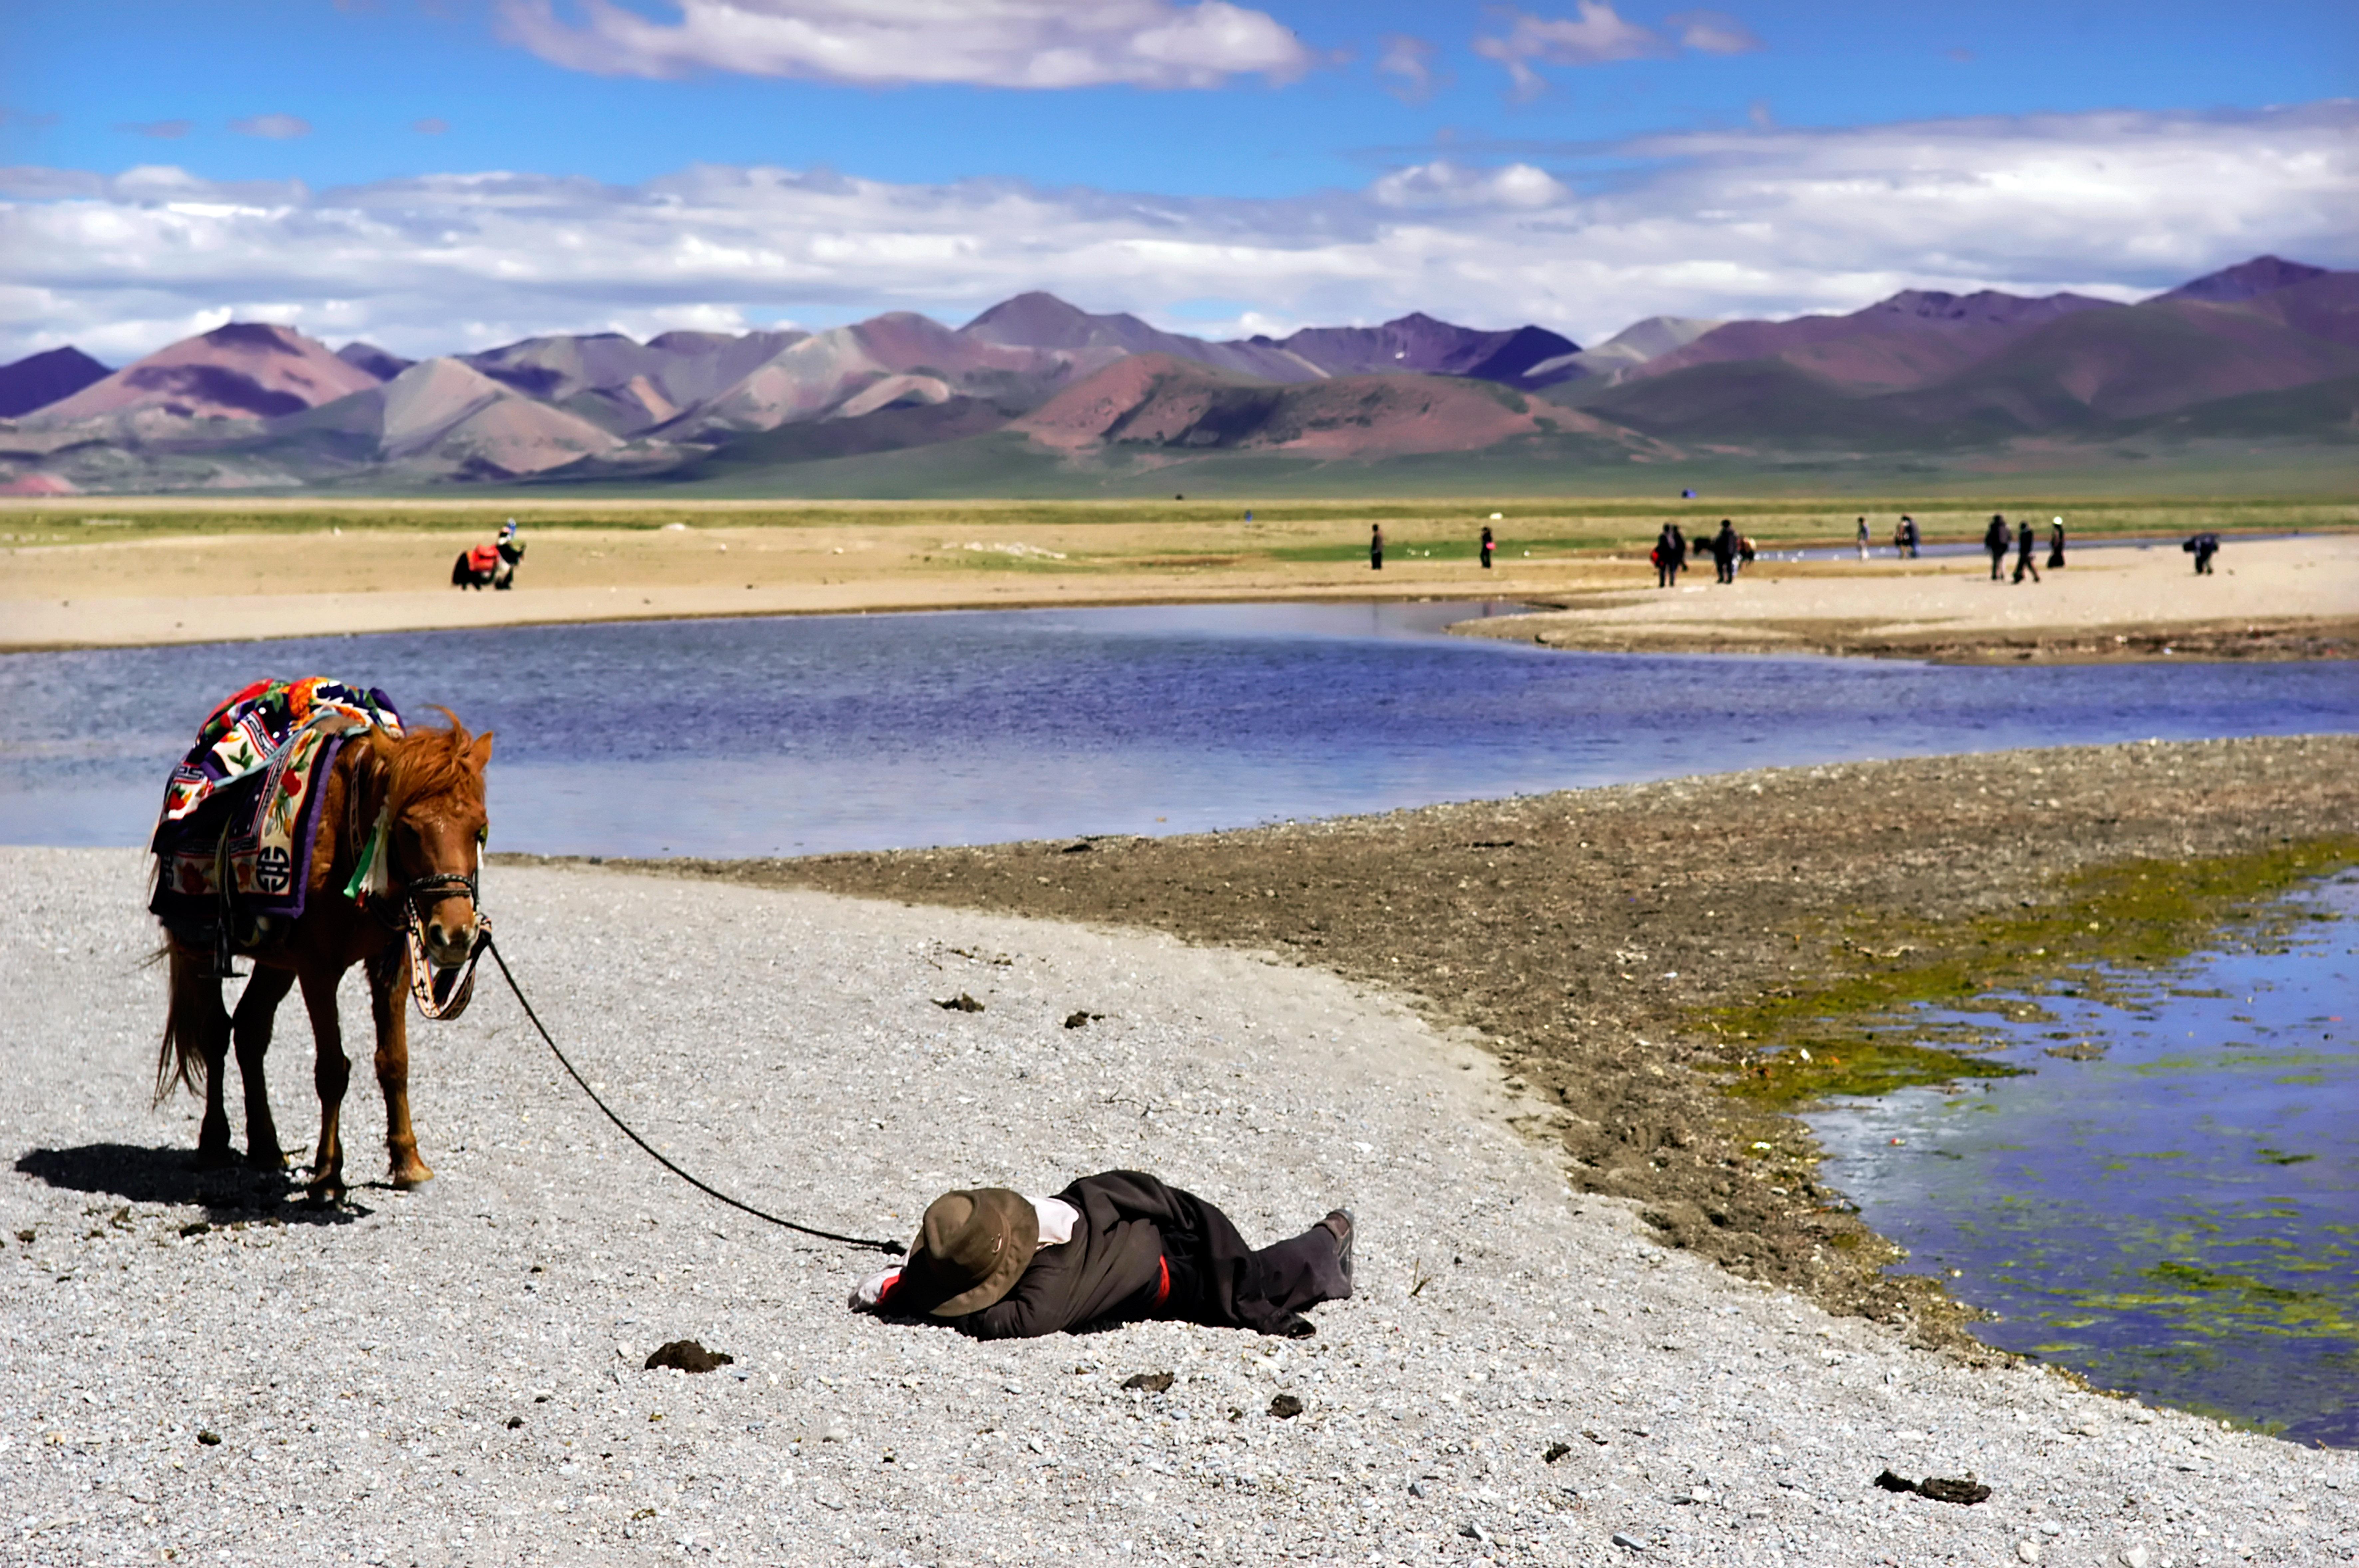 Tibet, Nam-tso, 20060707 Het Nam Tso meer is een van de hoogste meren ter wereld met een fragiel ecosysteem en de traditionele plek van de Tibetaanse nomaden ; nu bezoeken in sneltempo steeds meer Chinese toeristen de plek